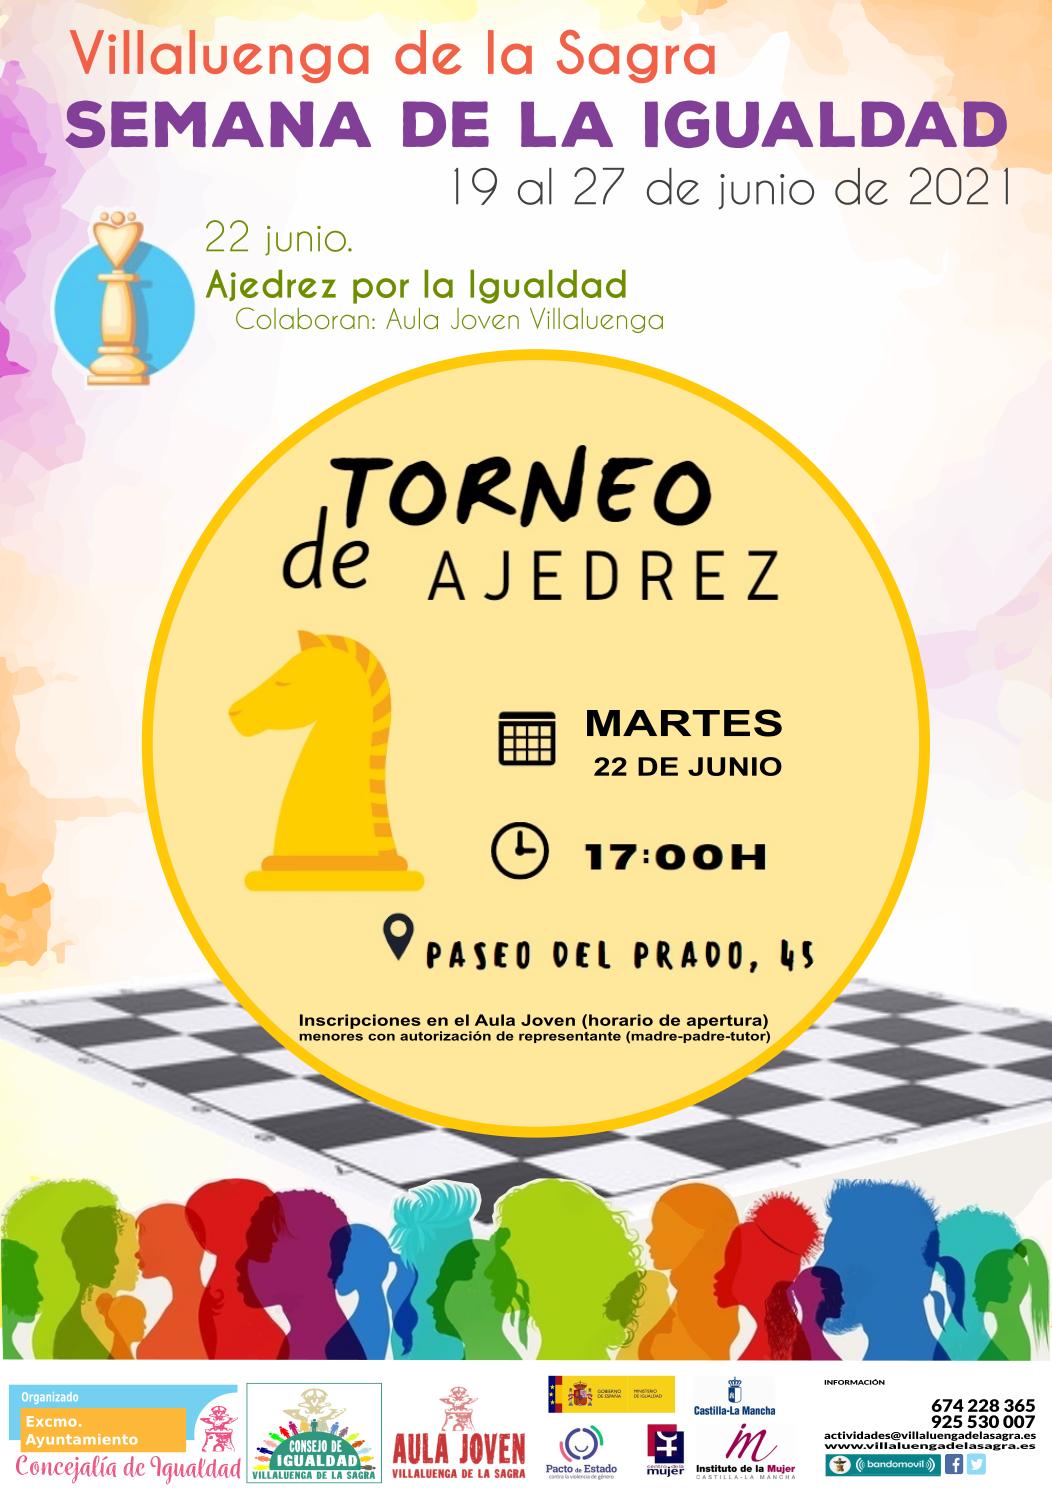 SEMANA IGUALDAD ajedrez2